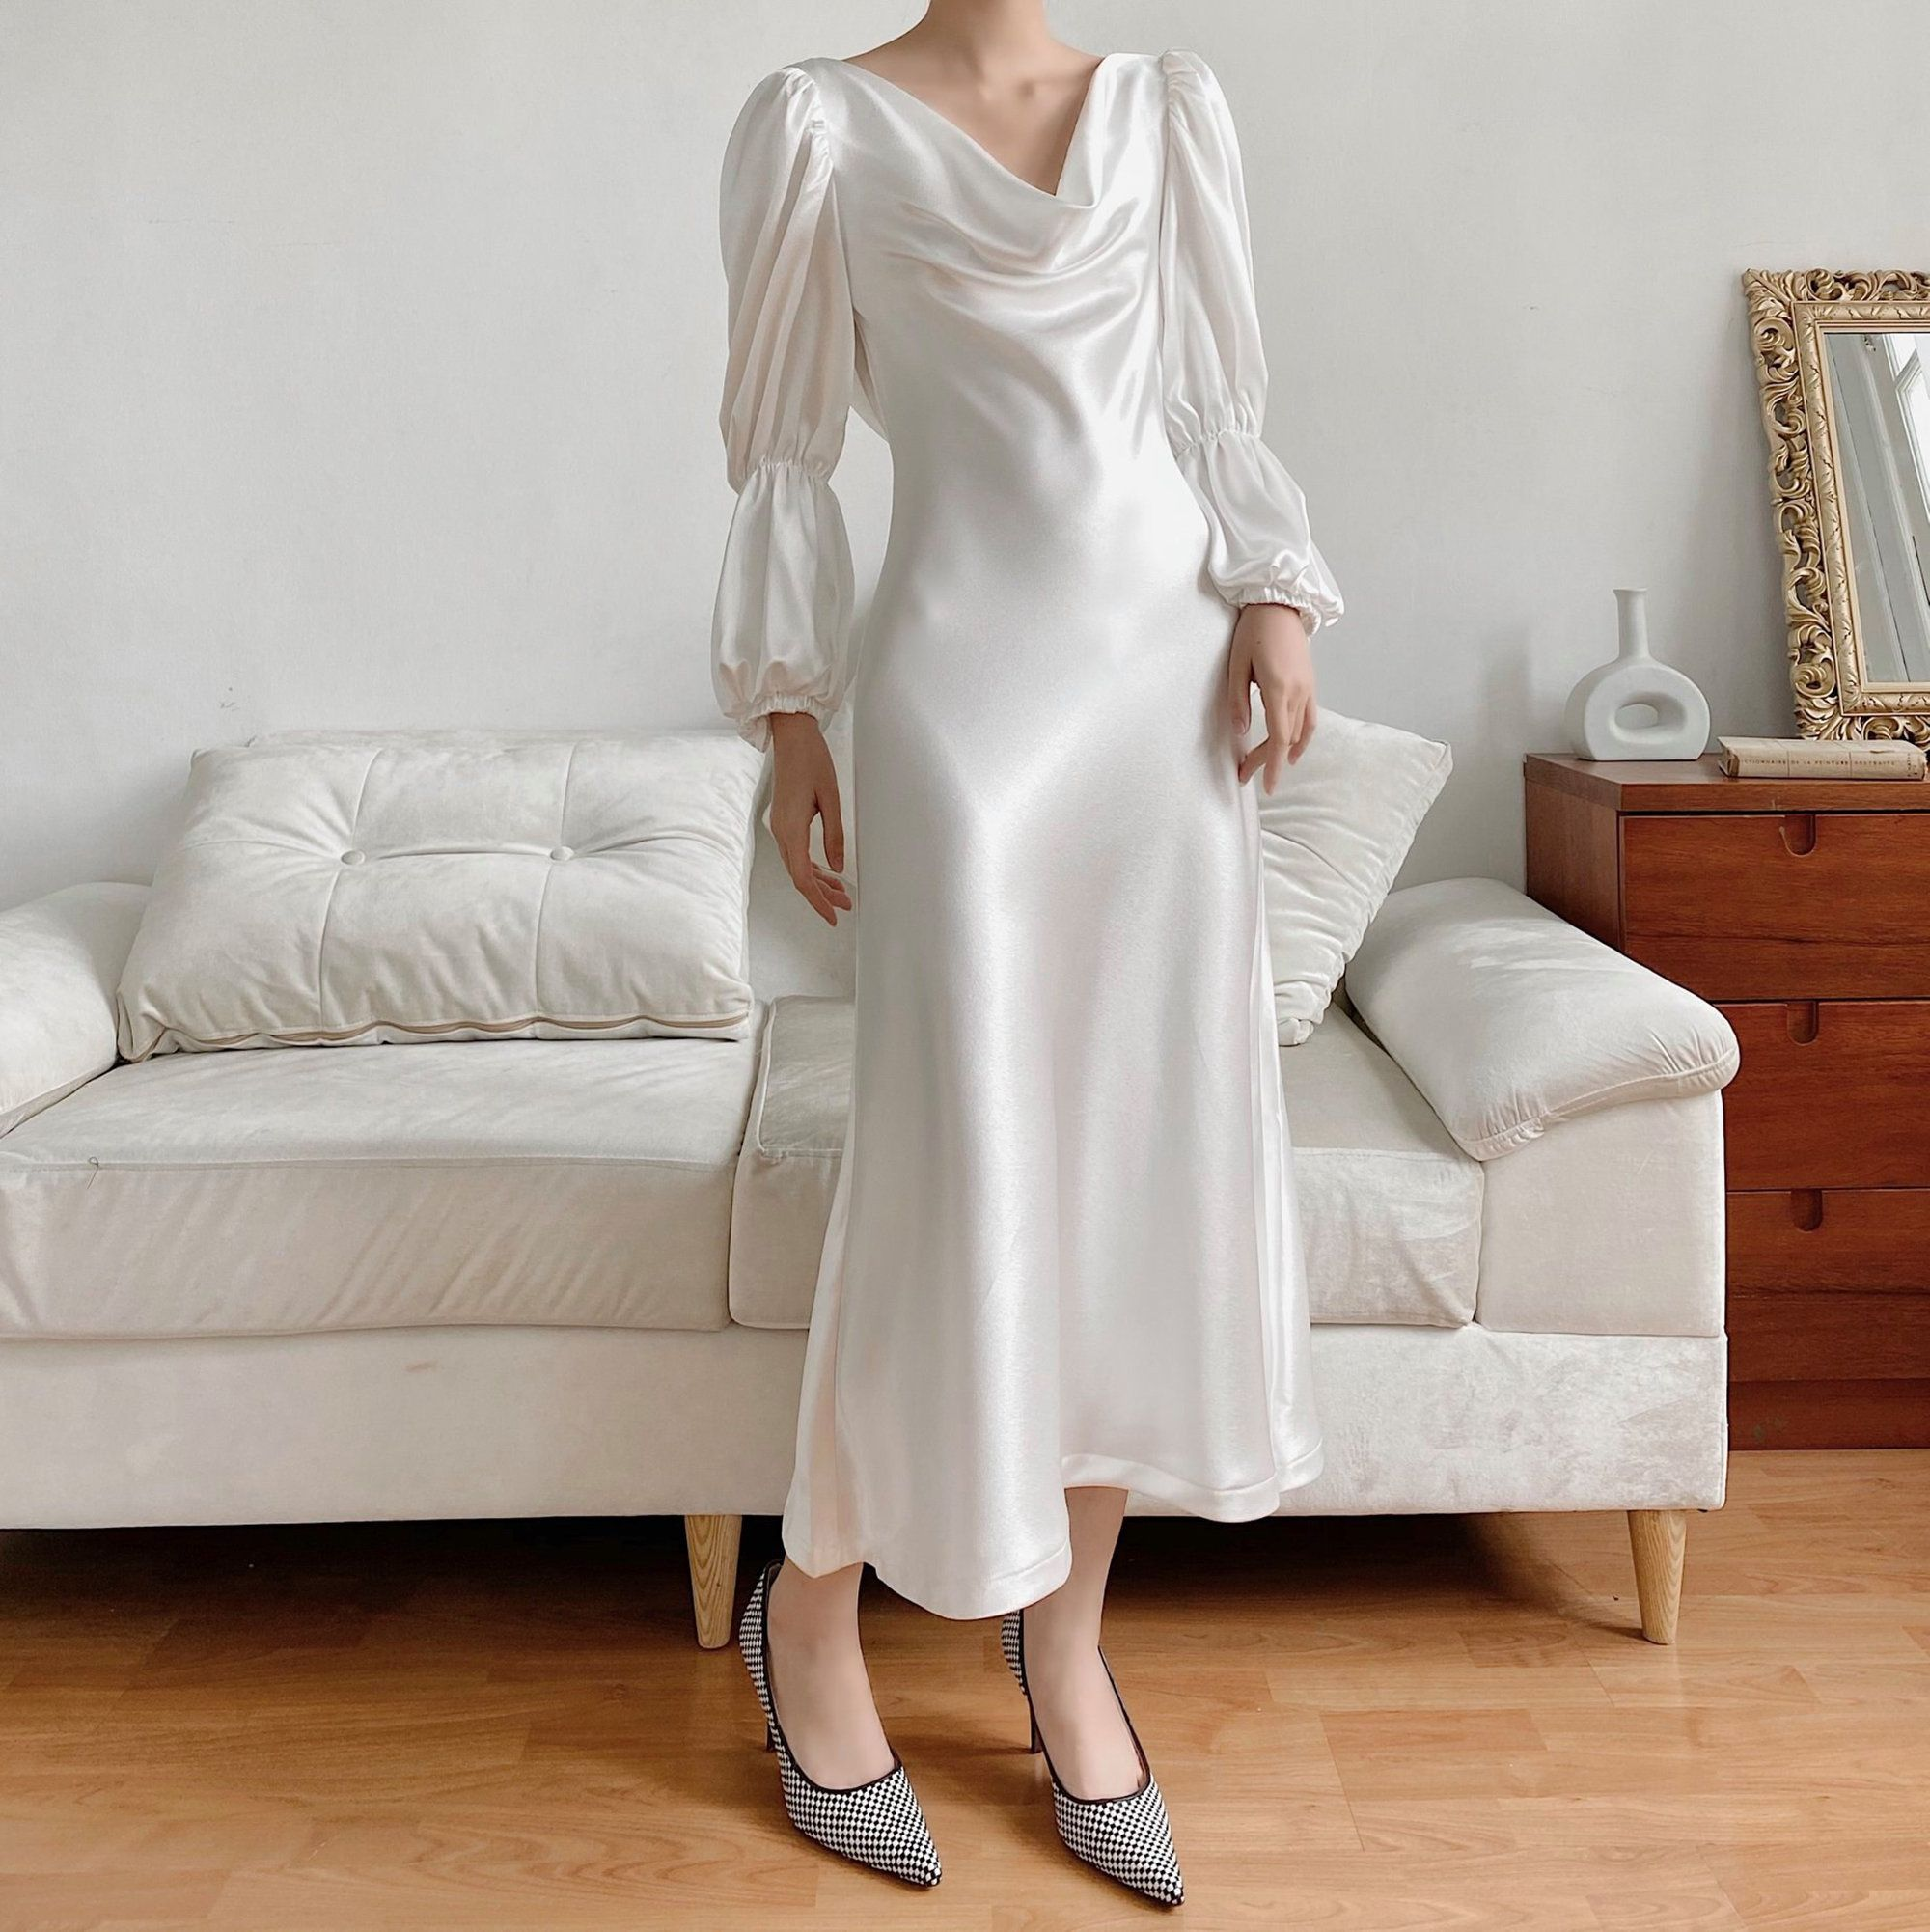 Pin On Silk Dress [ 2002 x 2000 Pixel ]